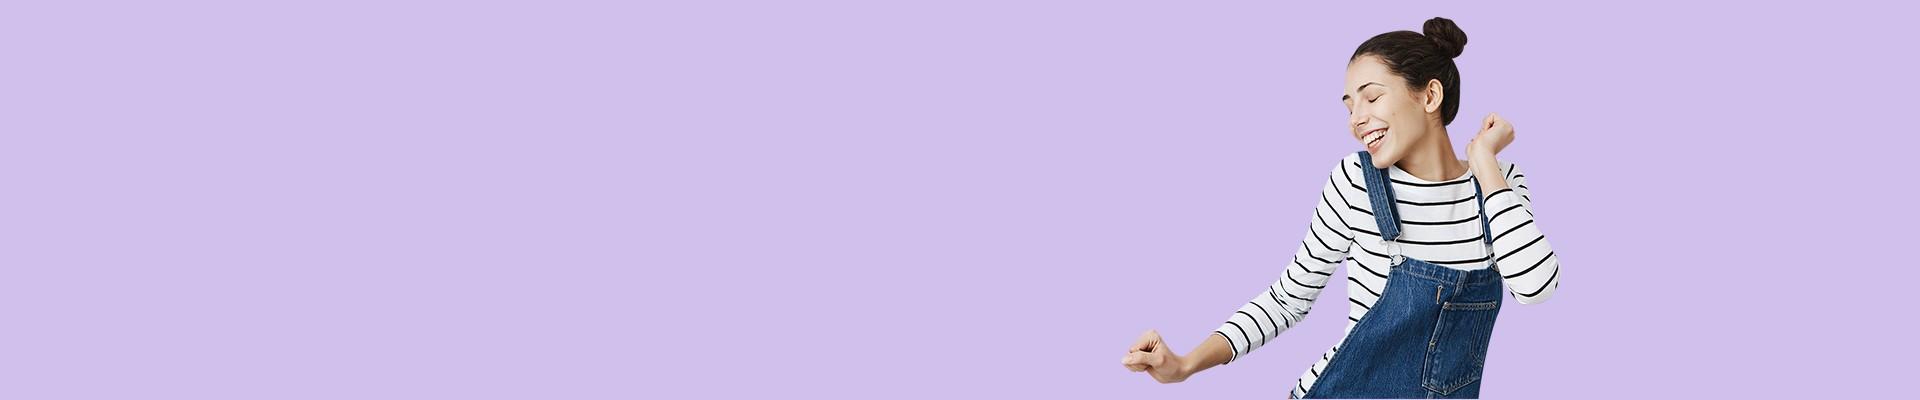 Jual Overall Denim Wanita - Model Terbaru & Unik